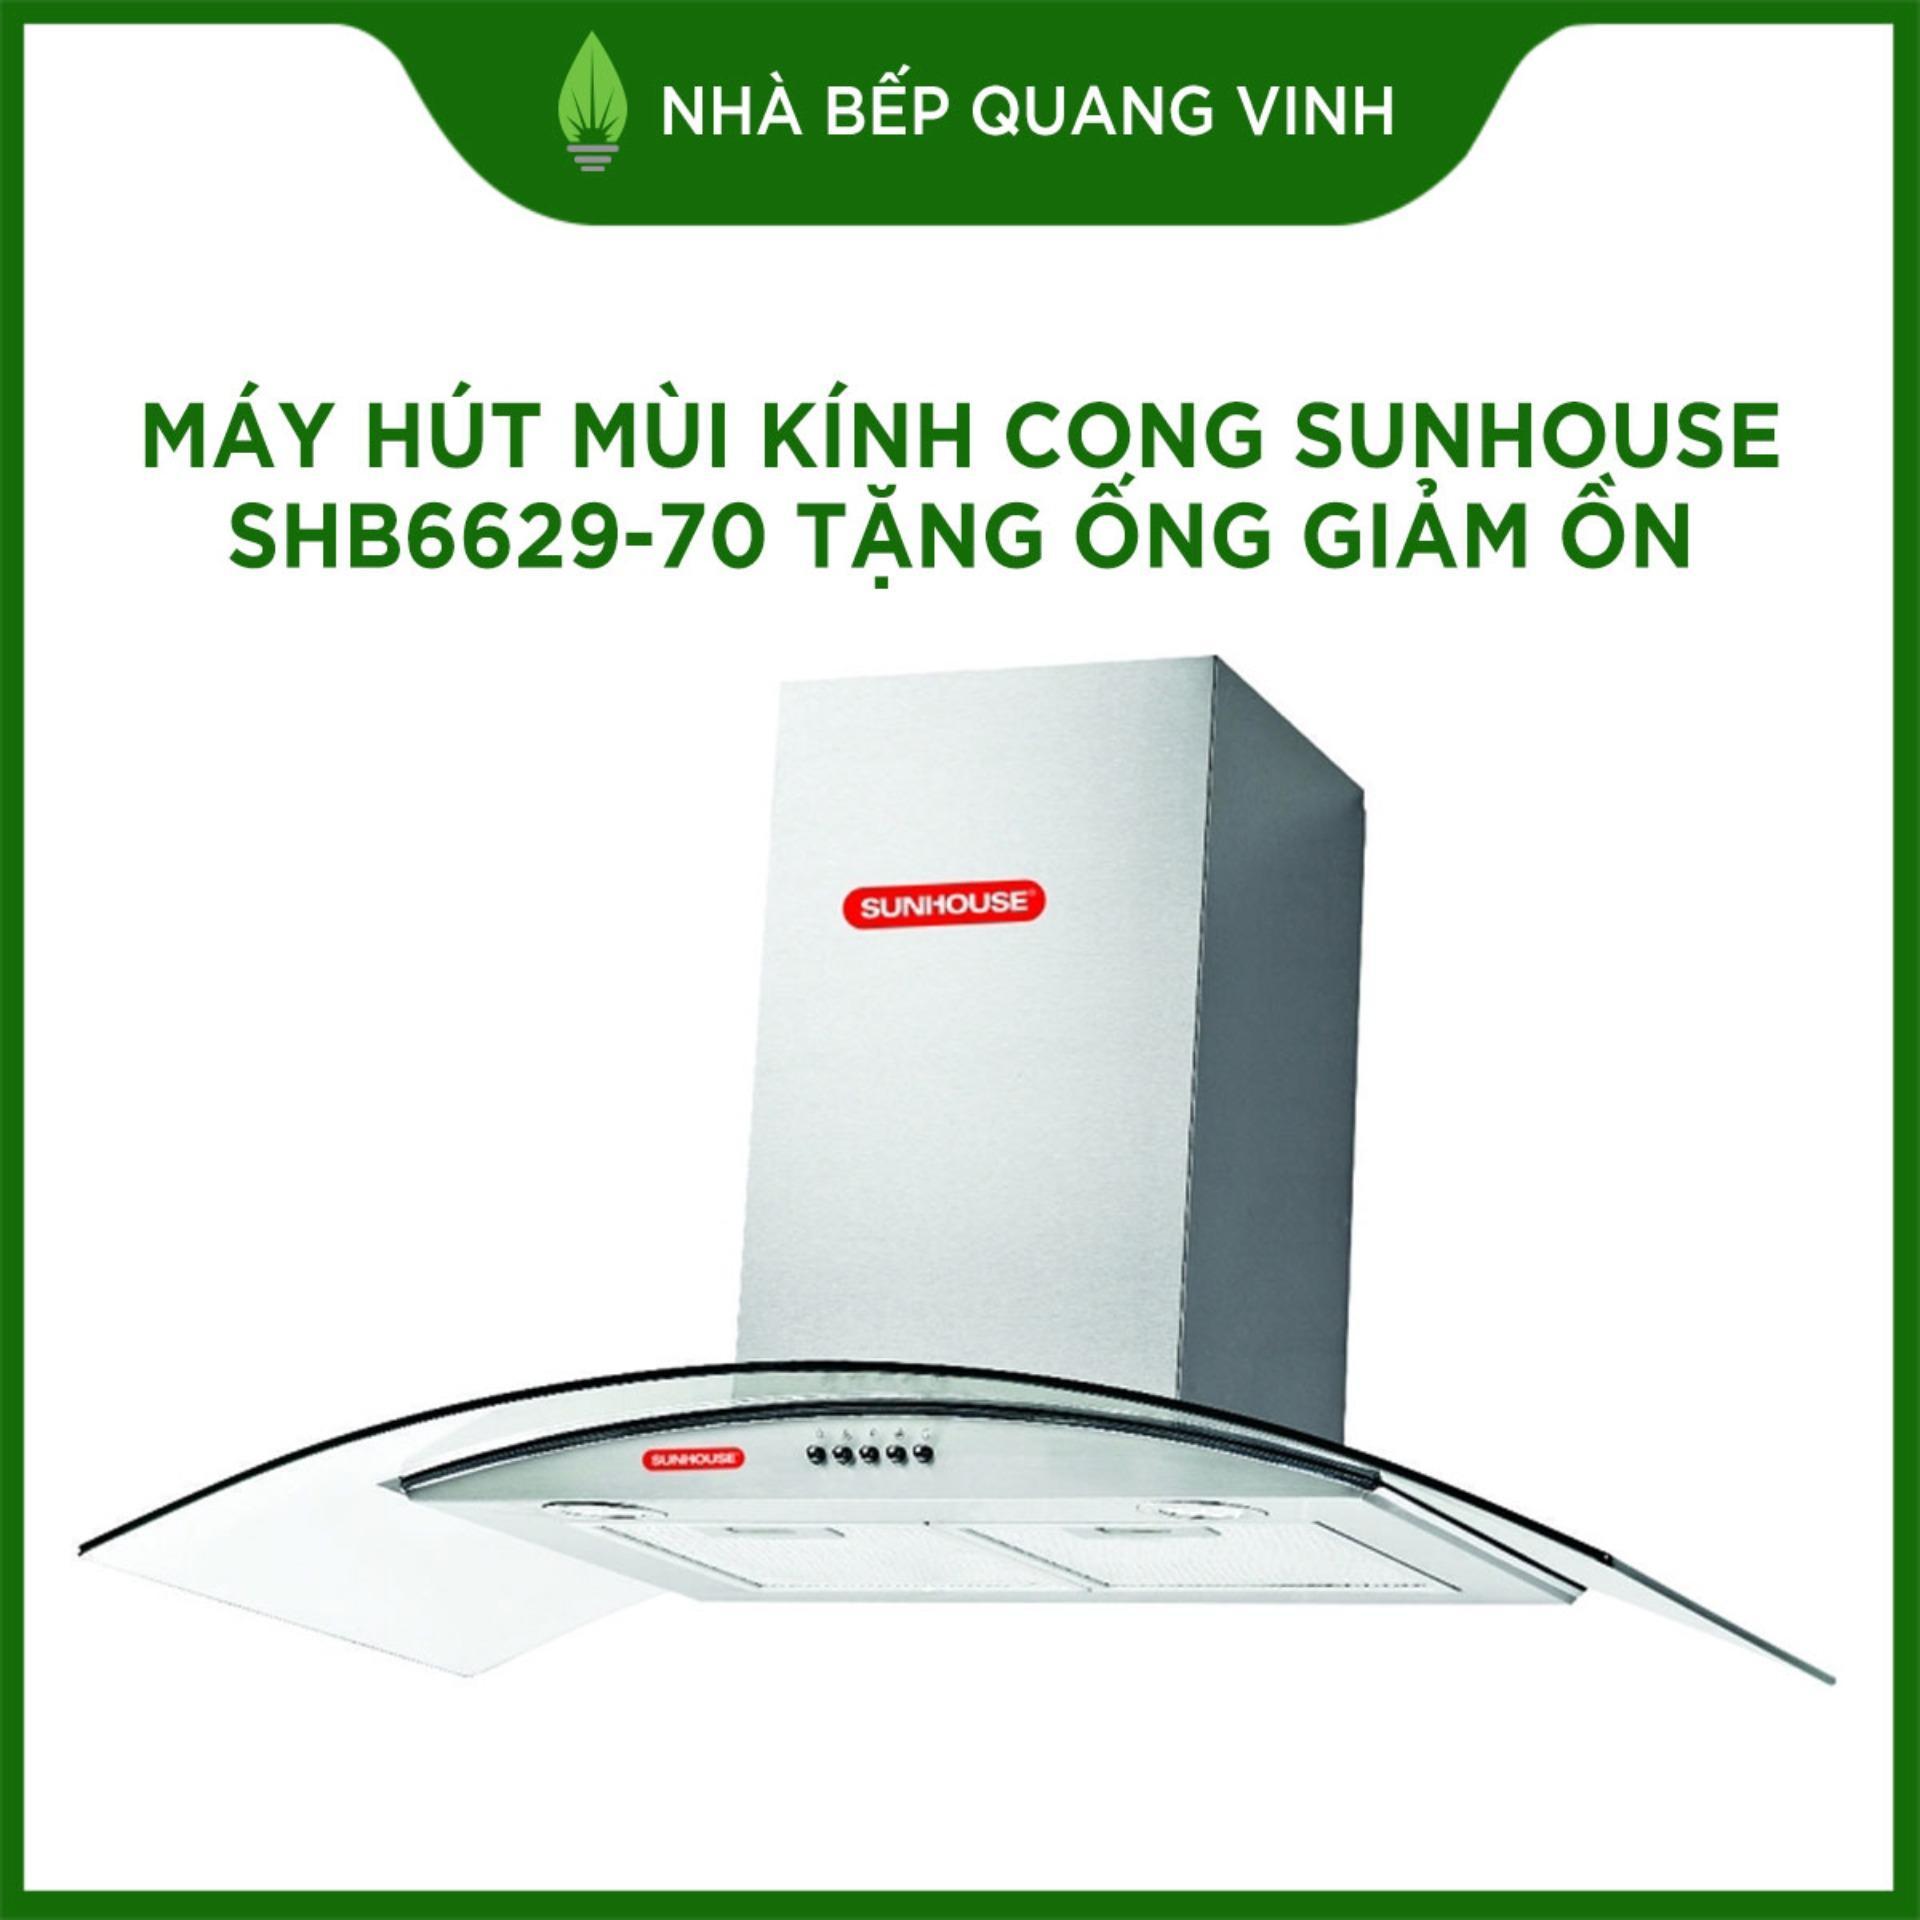 Giảm Giá Quá Đã Phải Mua Ngay Máy Hút Mùi Kính Cong Sunhouse SHB6629-70 Tặng ống Giảm ồn